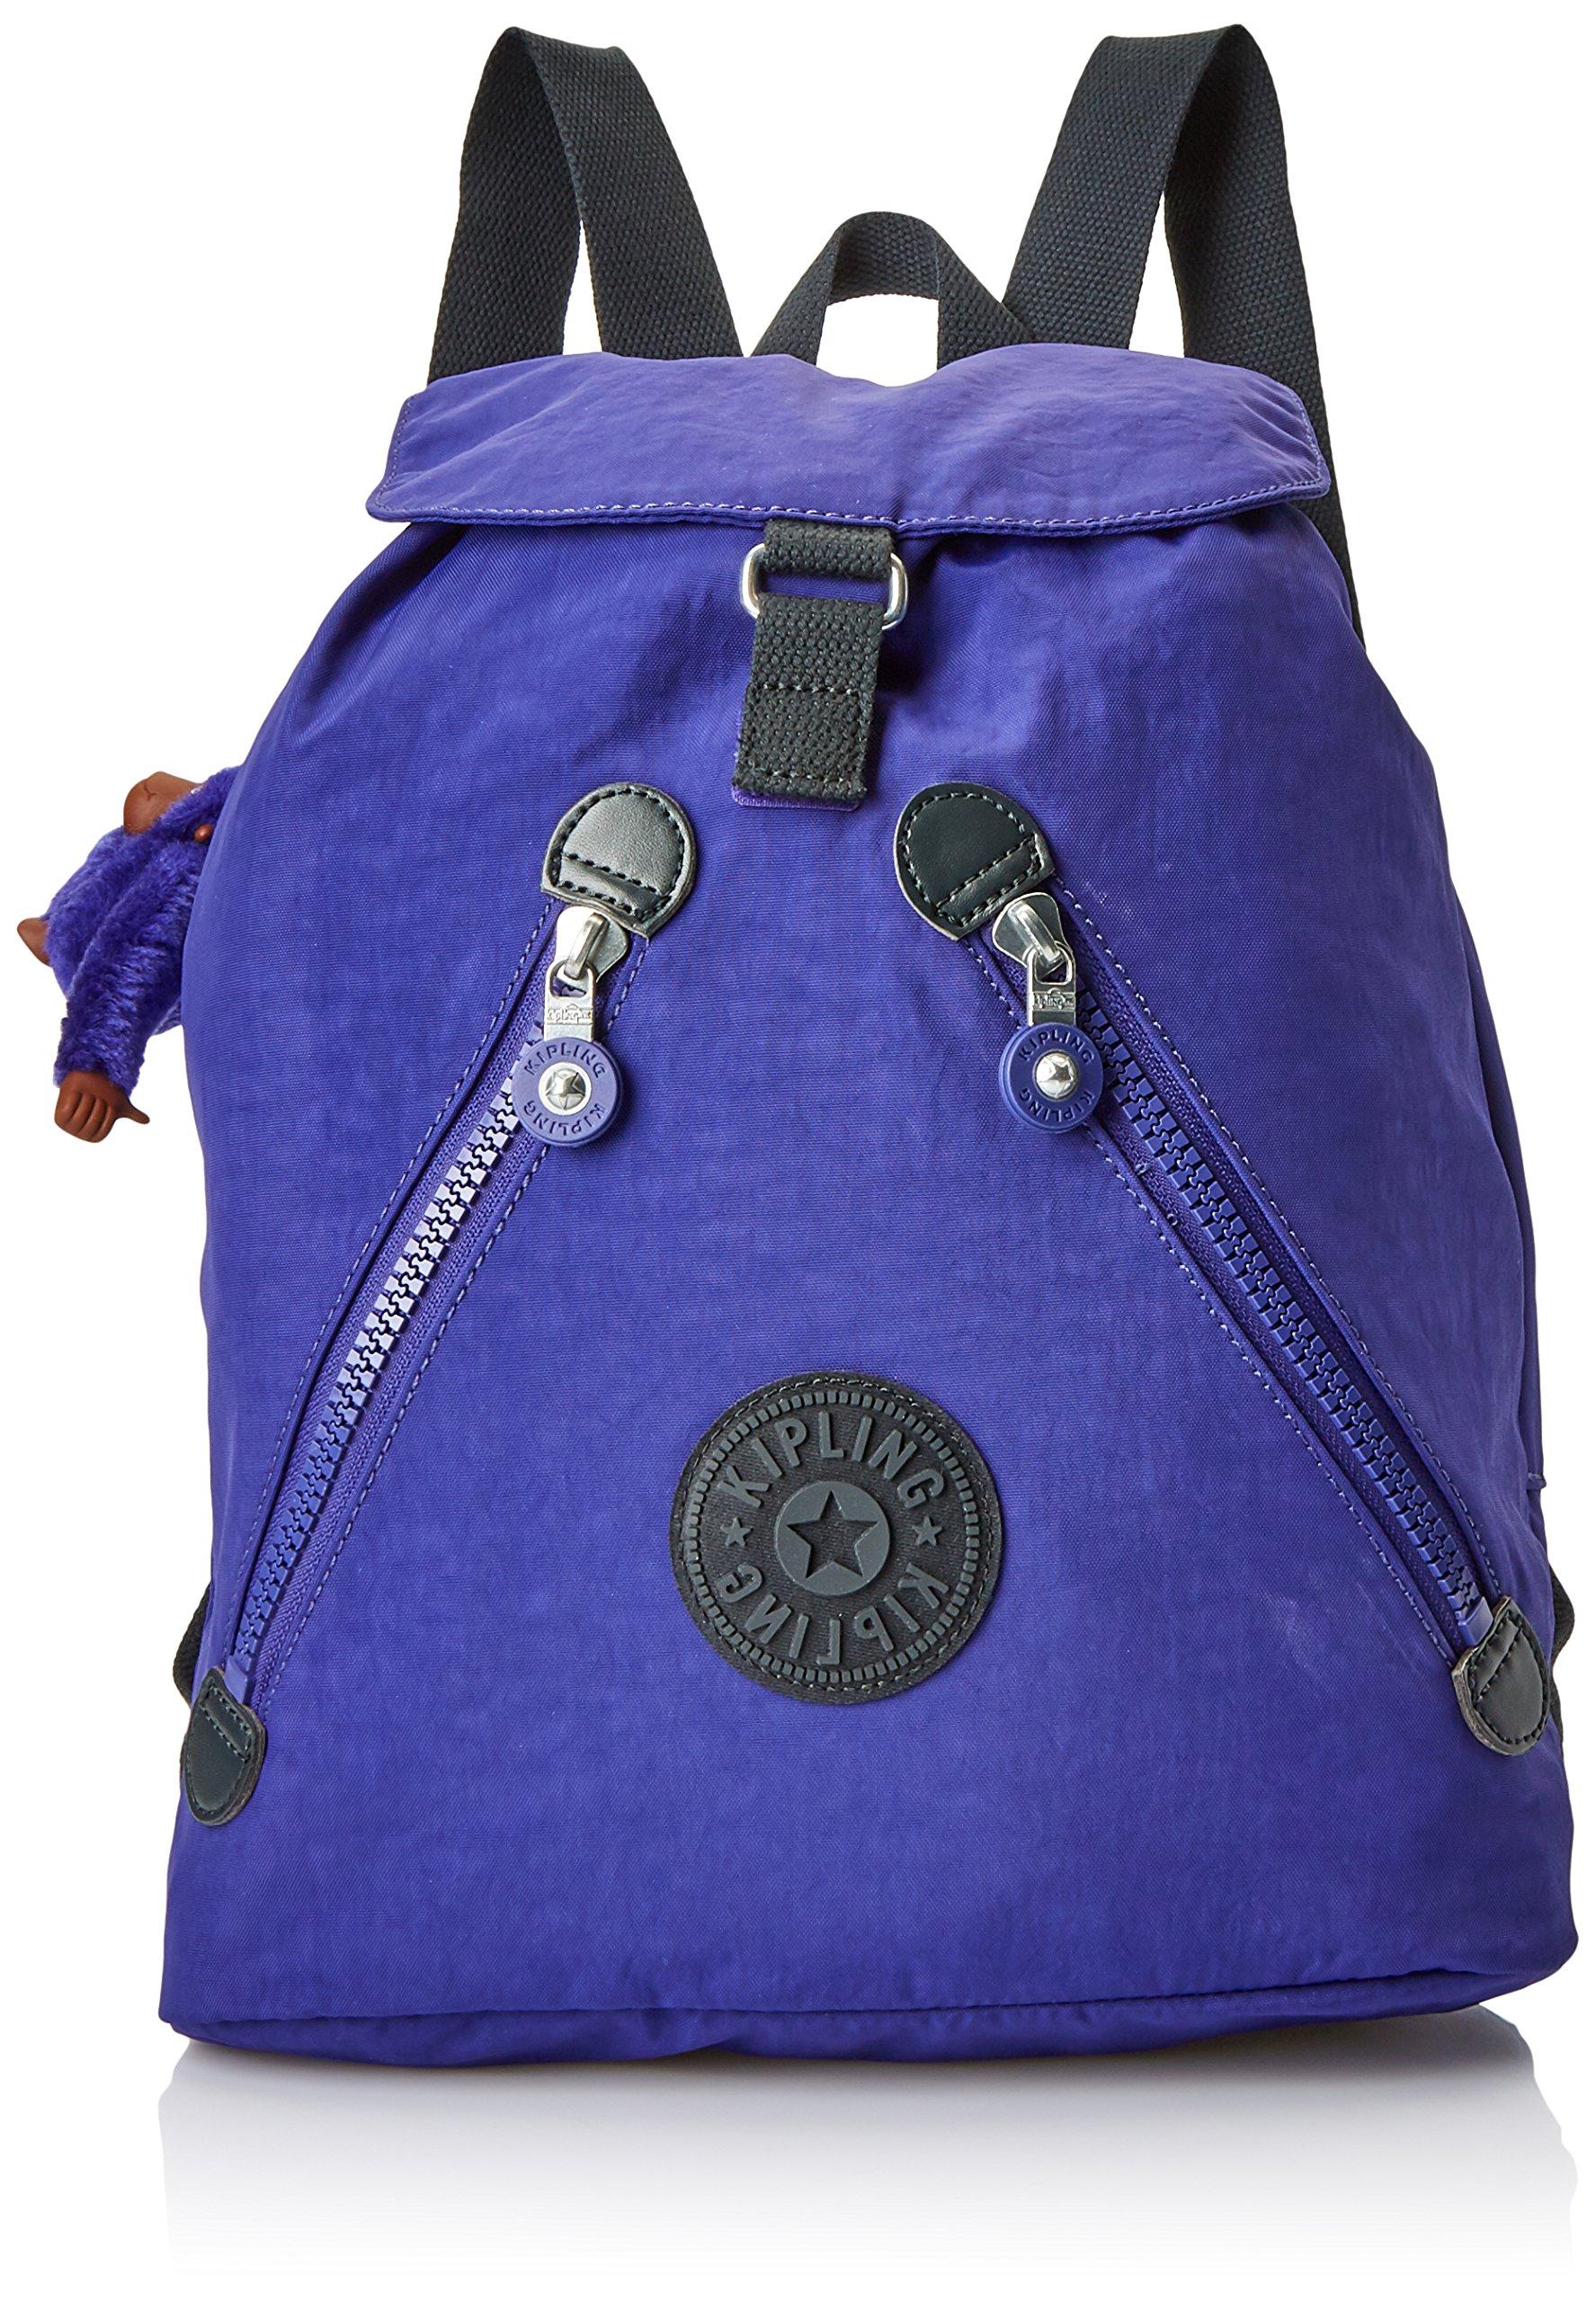 Kipling À L H X Dos FemmeVioletsummer Purple15x24x45 Cmw FundamentalSacs yf76Ygb